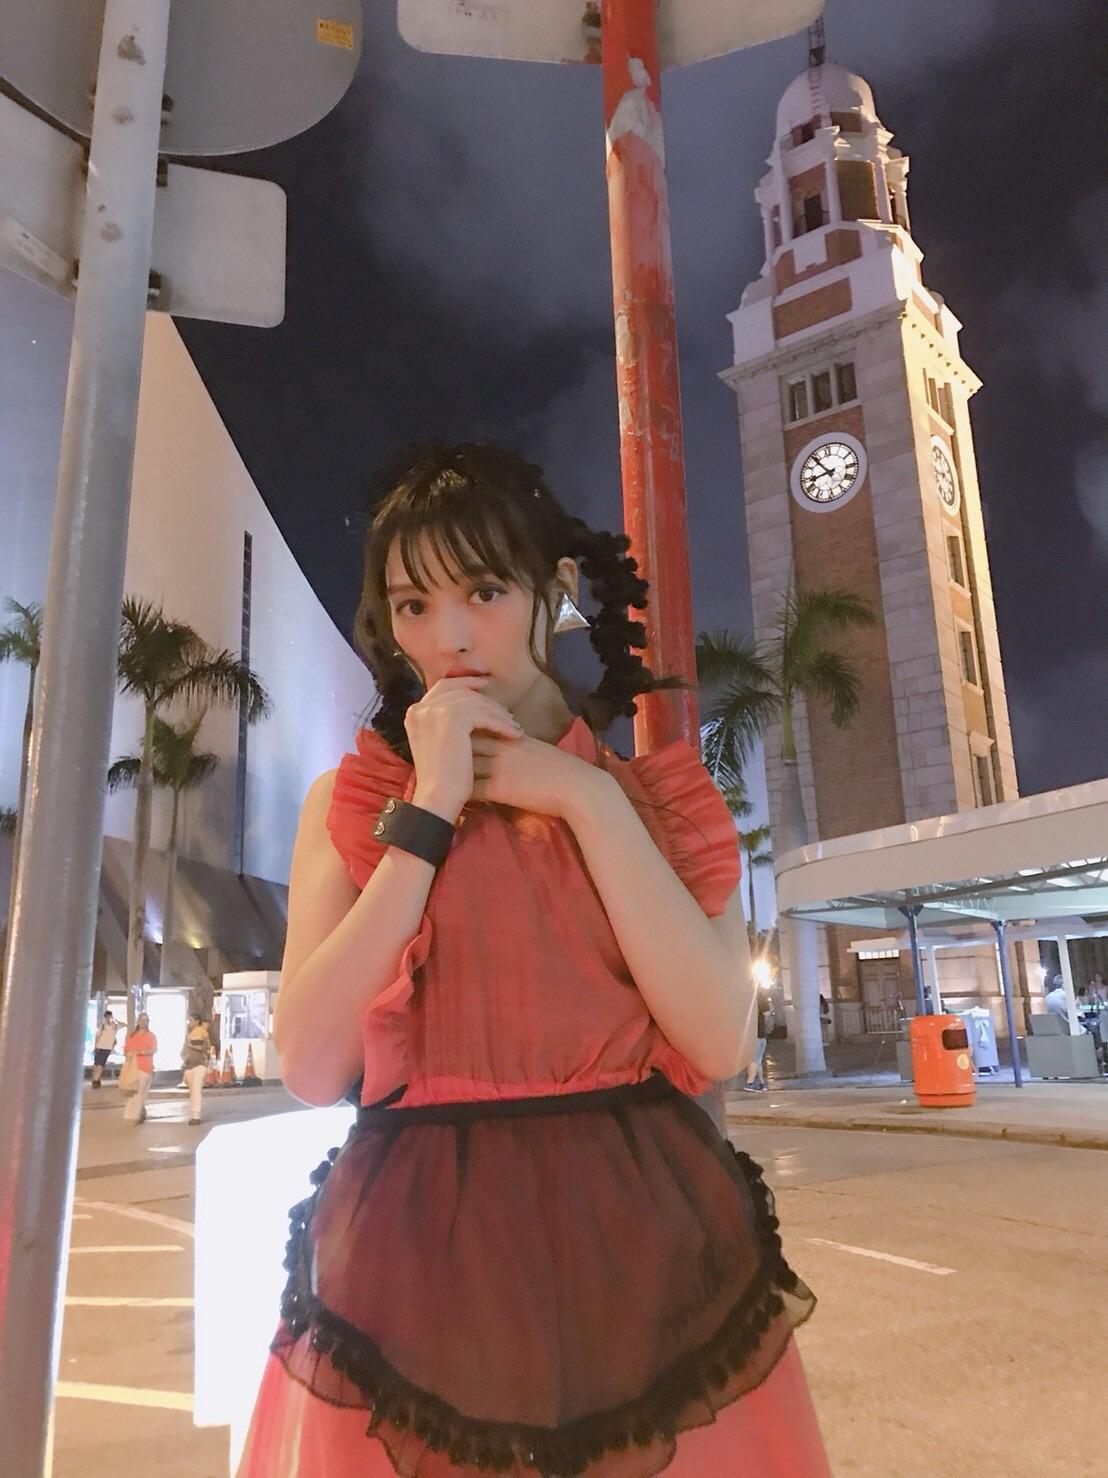 성우 우에사카 스미레가 홍콩에서 찍어온 사진을 라인..